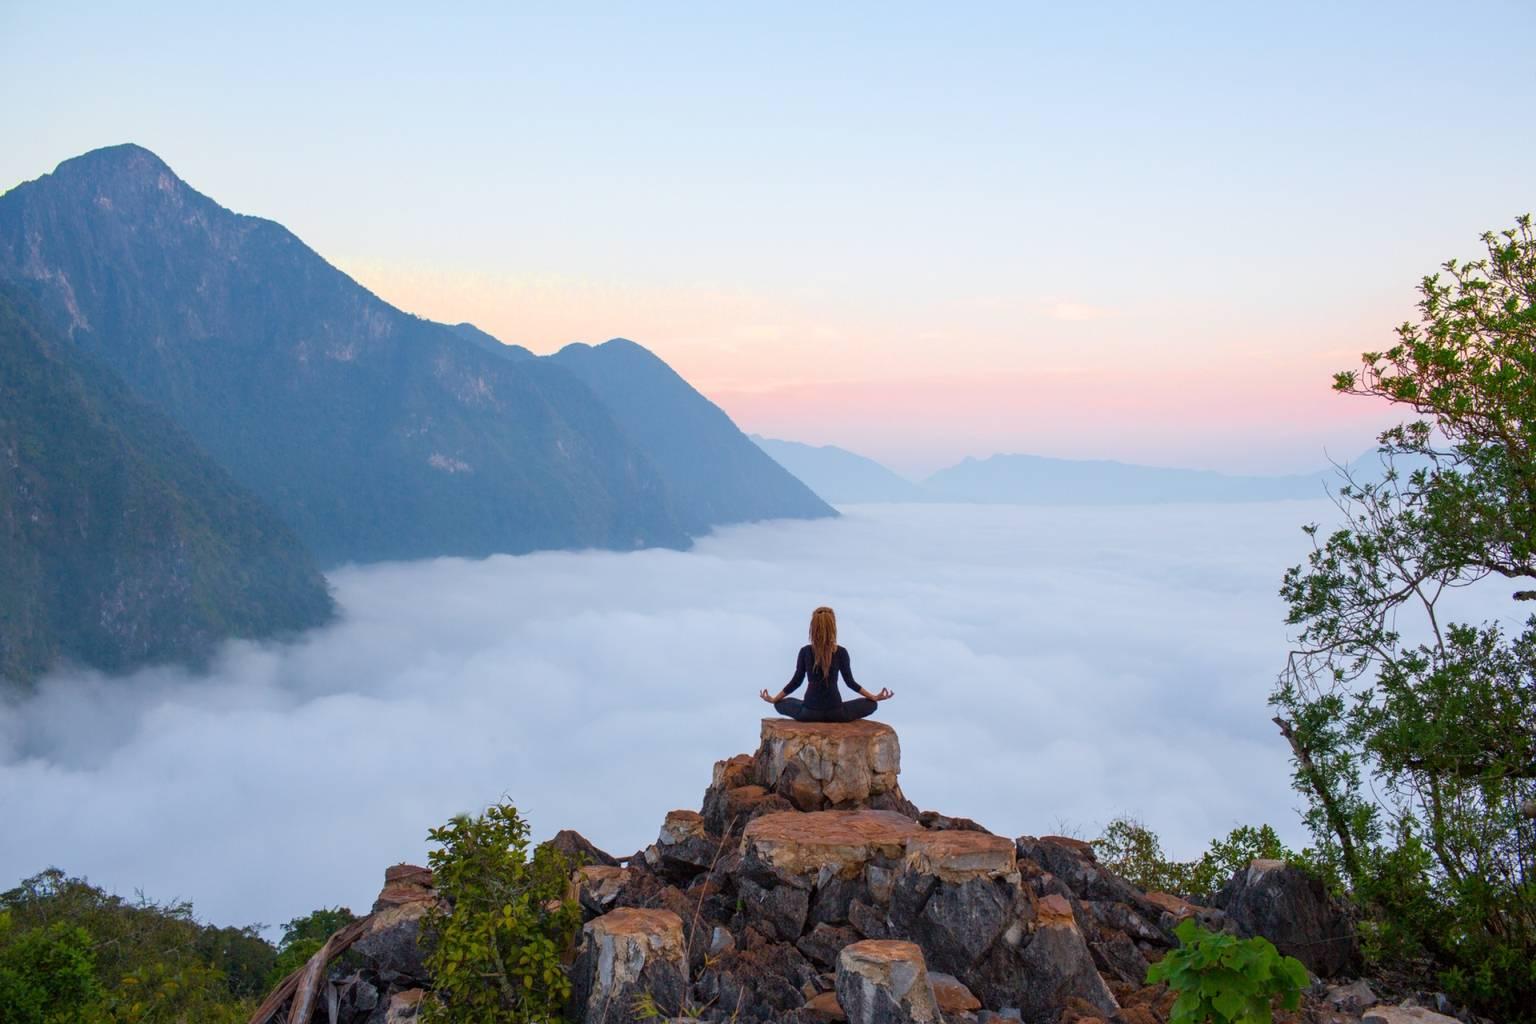 Mindfulness - trening uważności. Kobieta medytuje na skale w górach.